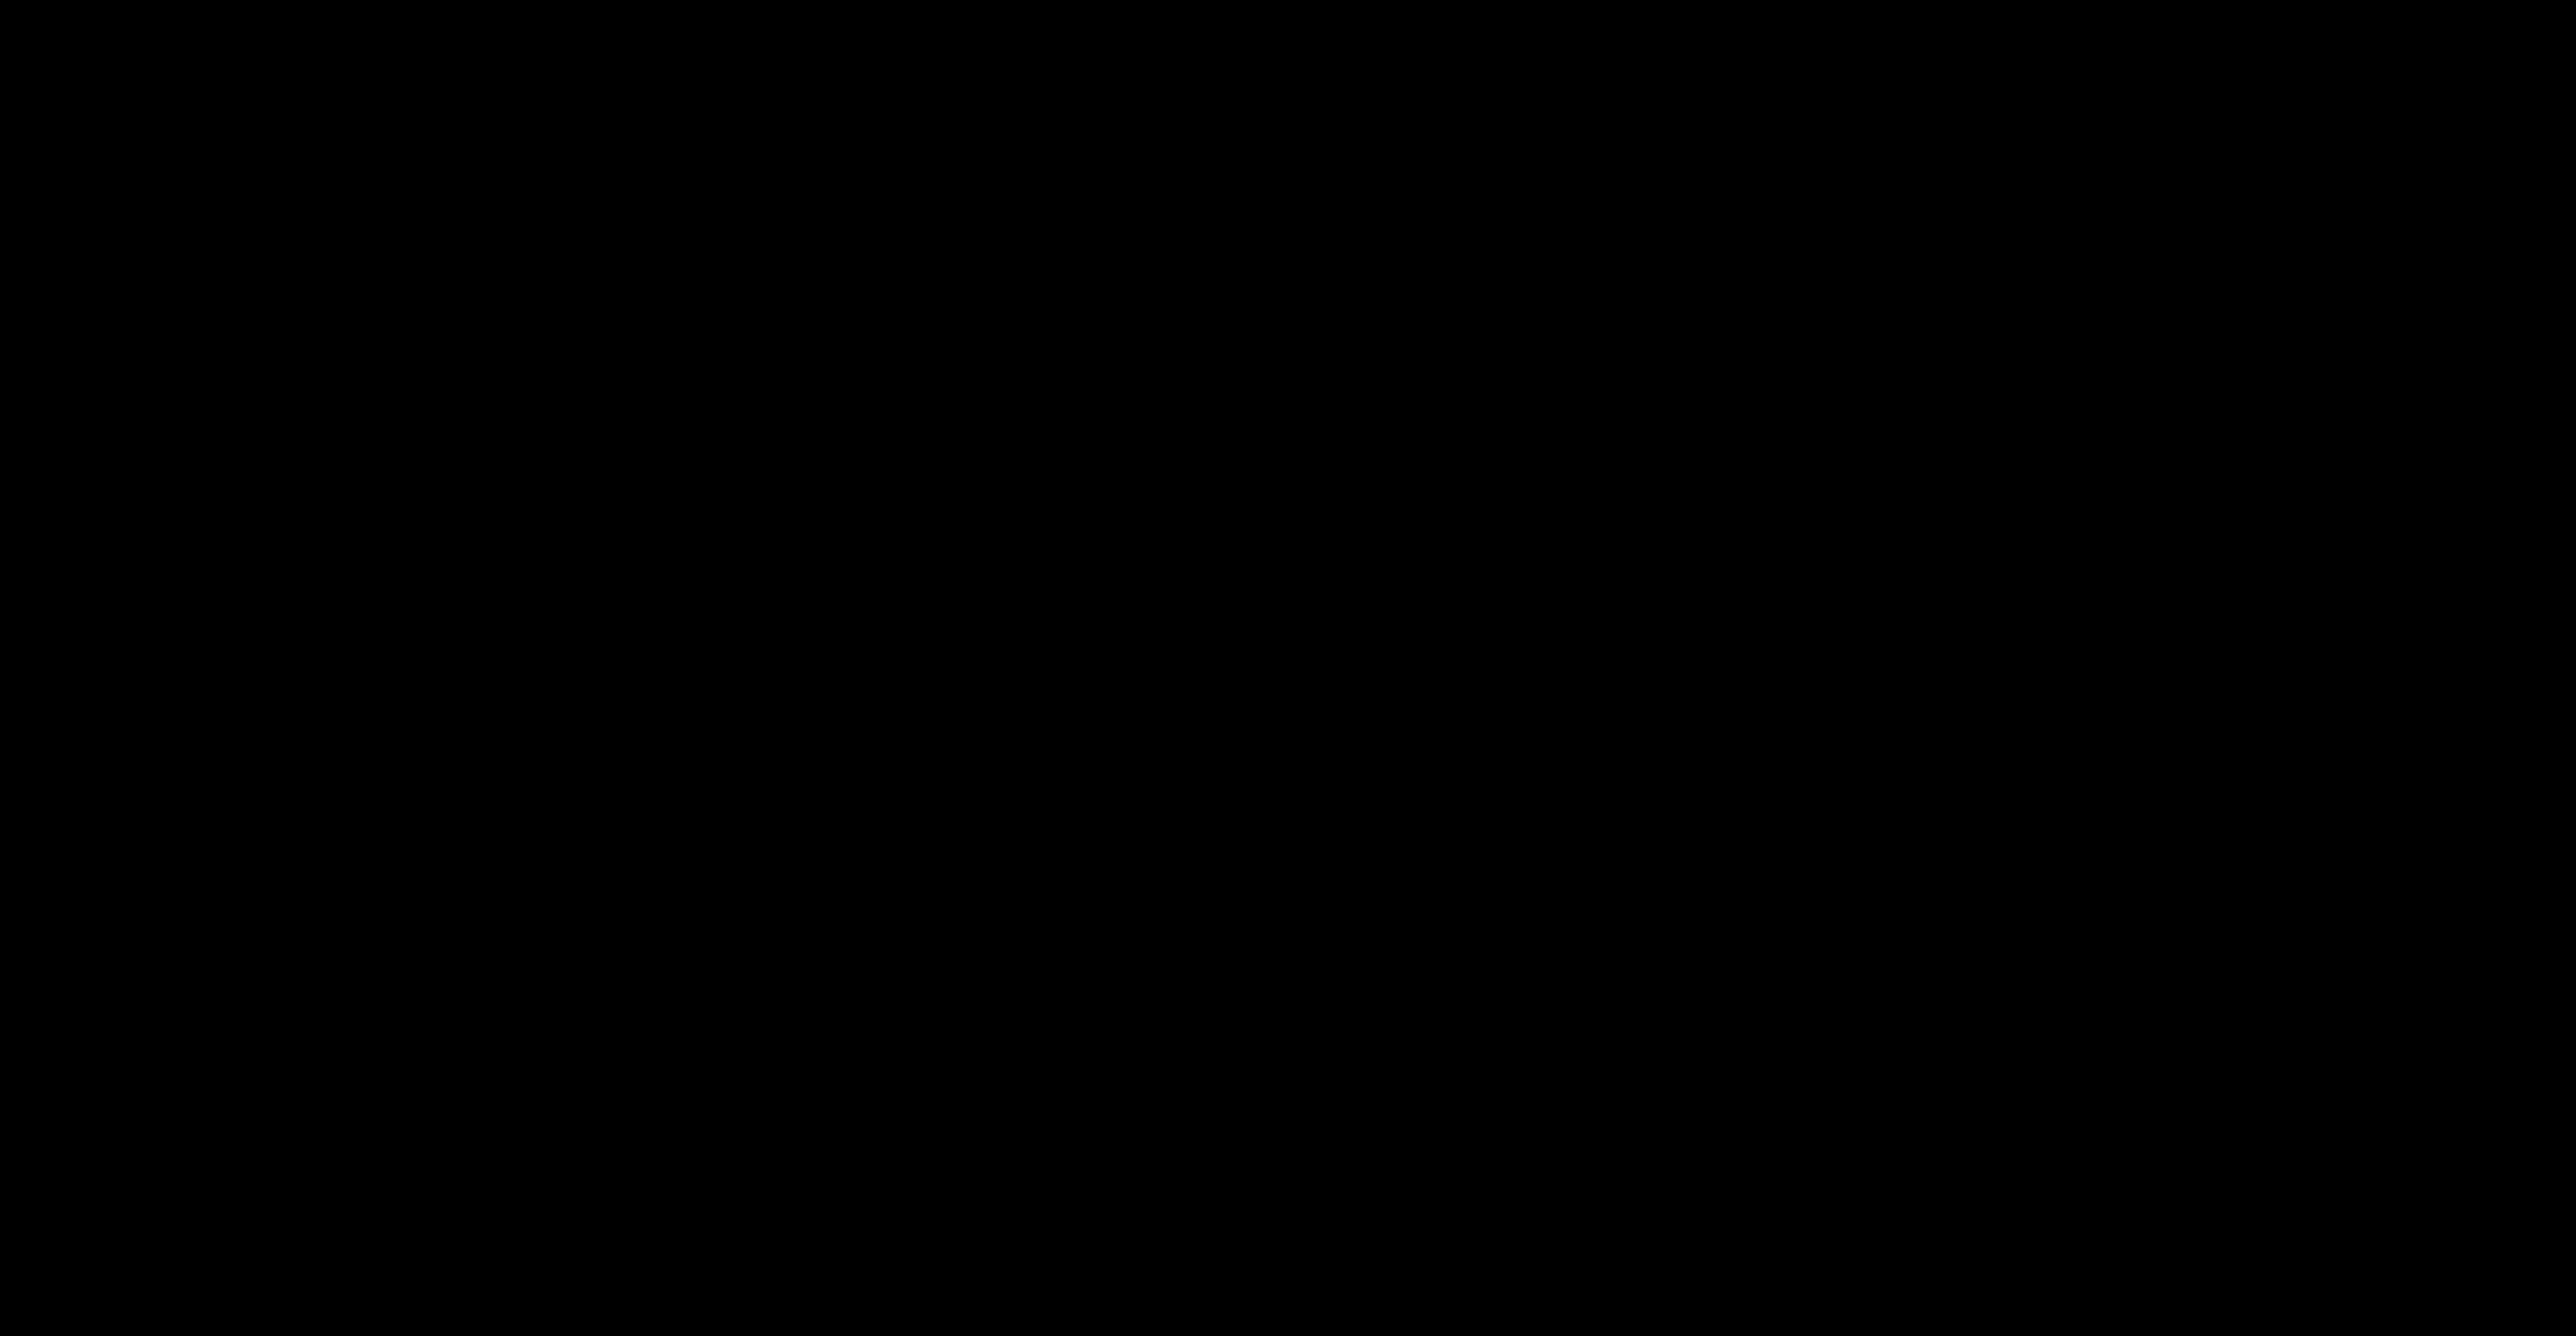 Lora Galeva